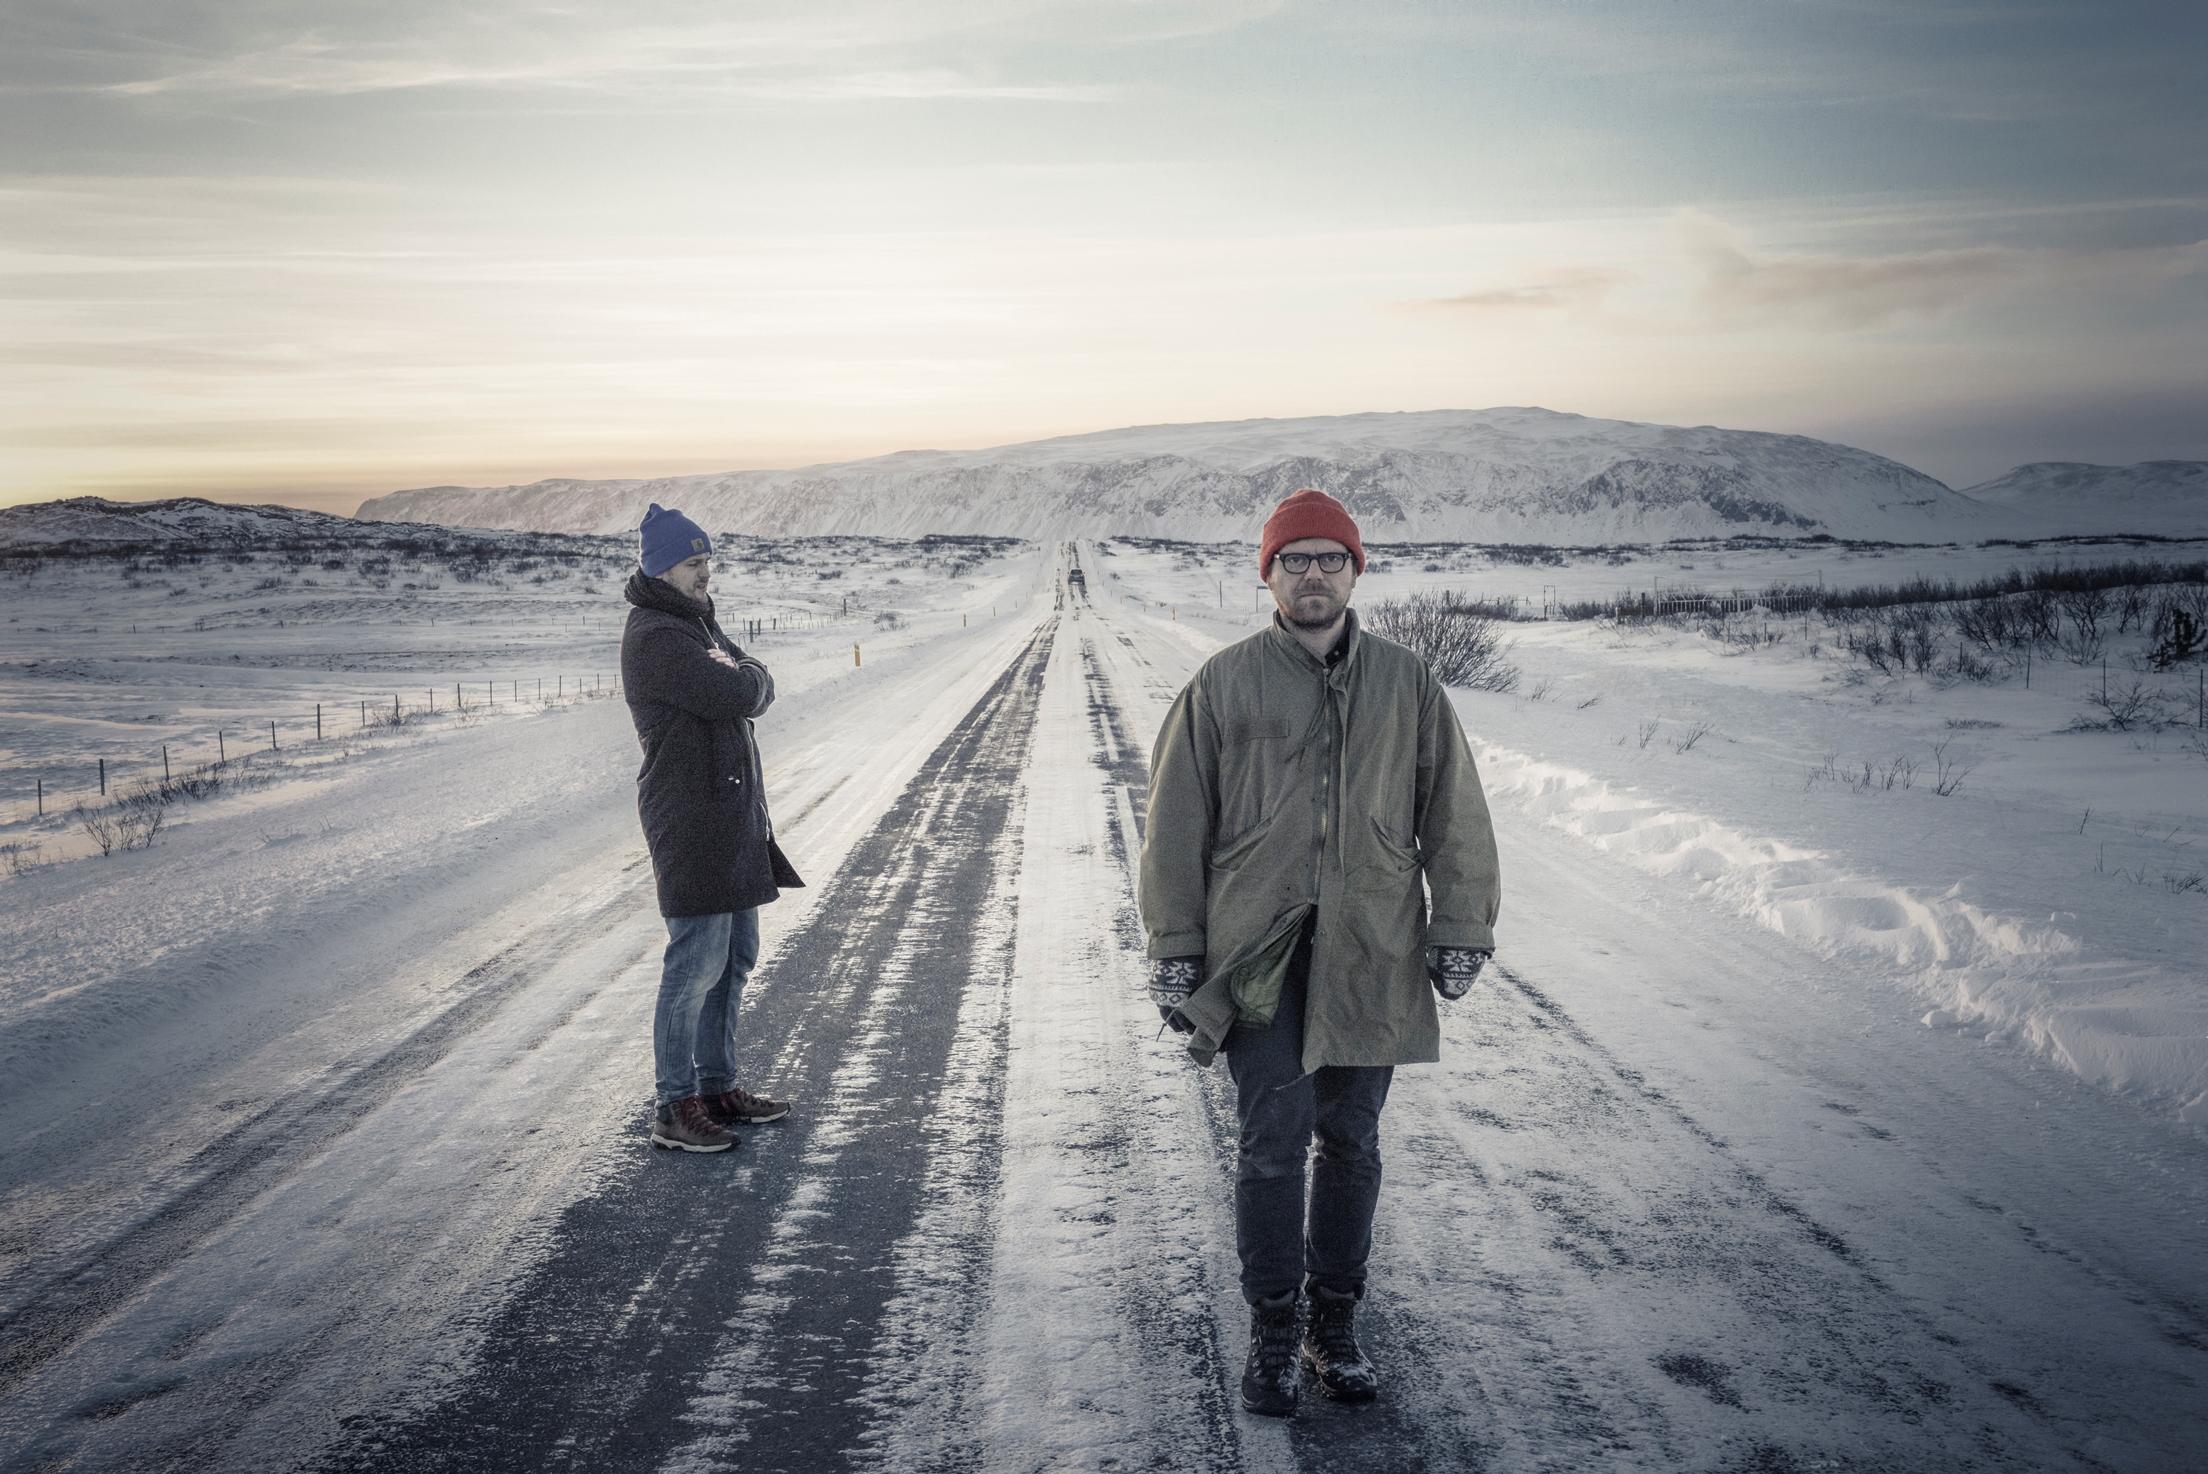 Muzyka północy – rozmowa ze Stefanem Wesołowskim